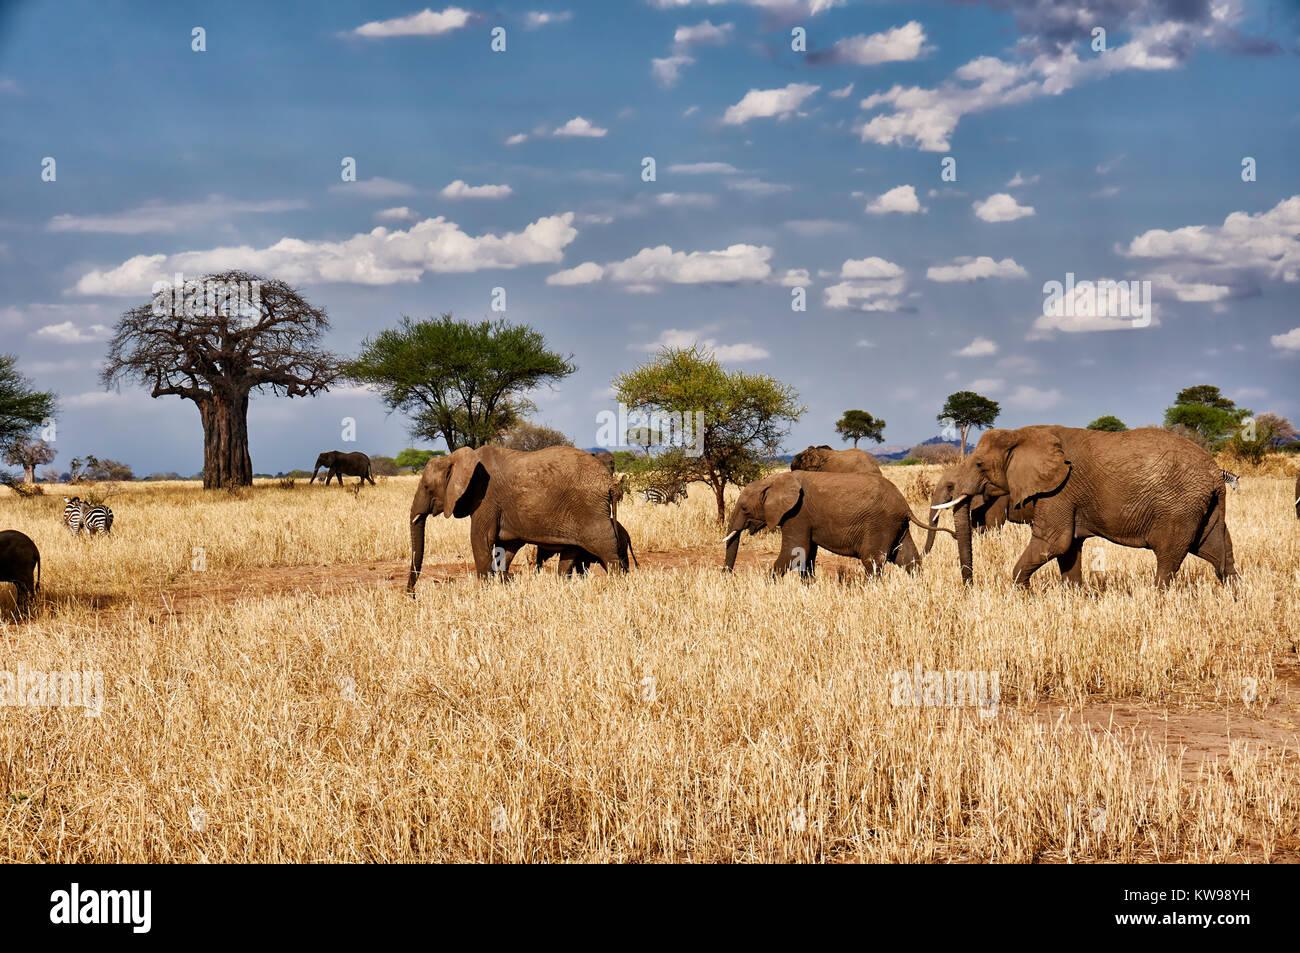 Bush africano, Loxodonta africana, elefantes en el Parque Nacional Tarangire, Tanzania, África Imagen De Stock